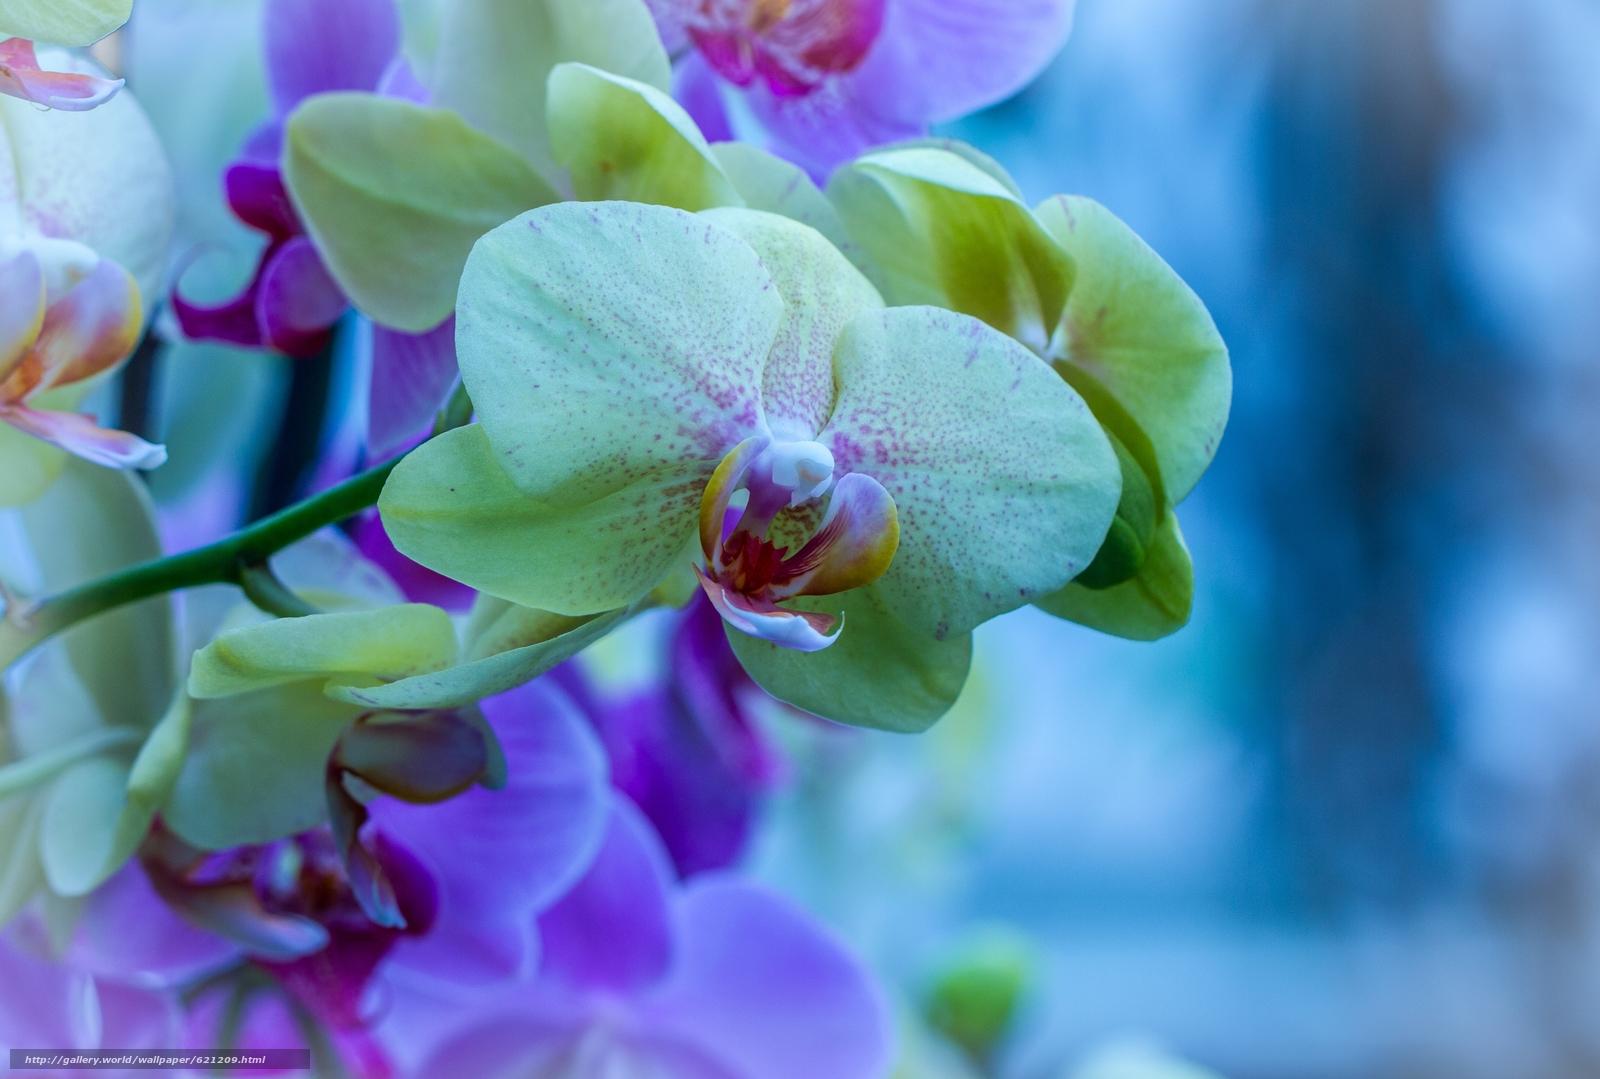 Скачать обои орхидея,  экзотика,  ветка,  макро бесплатно для рабочего стола в разрешении 4316x2911 — картинка №621209